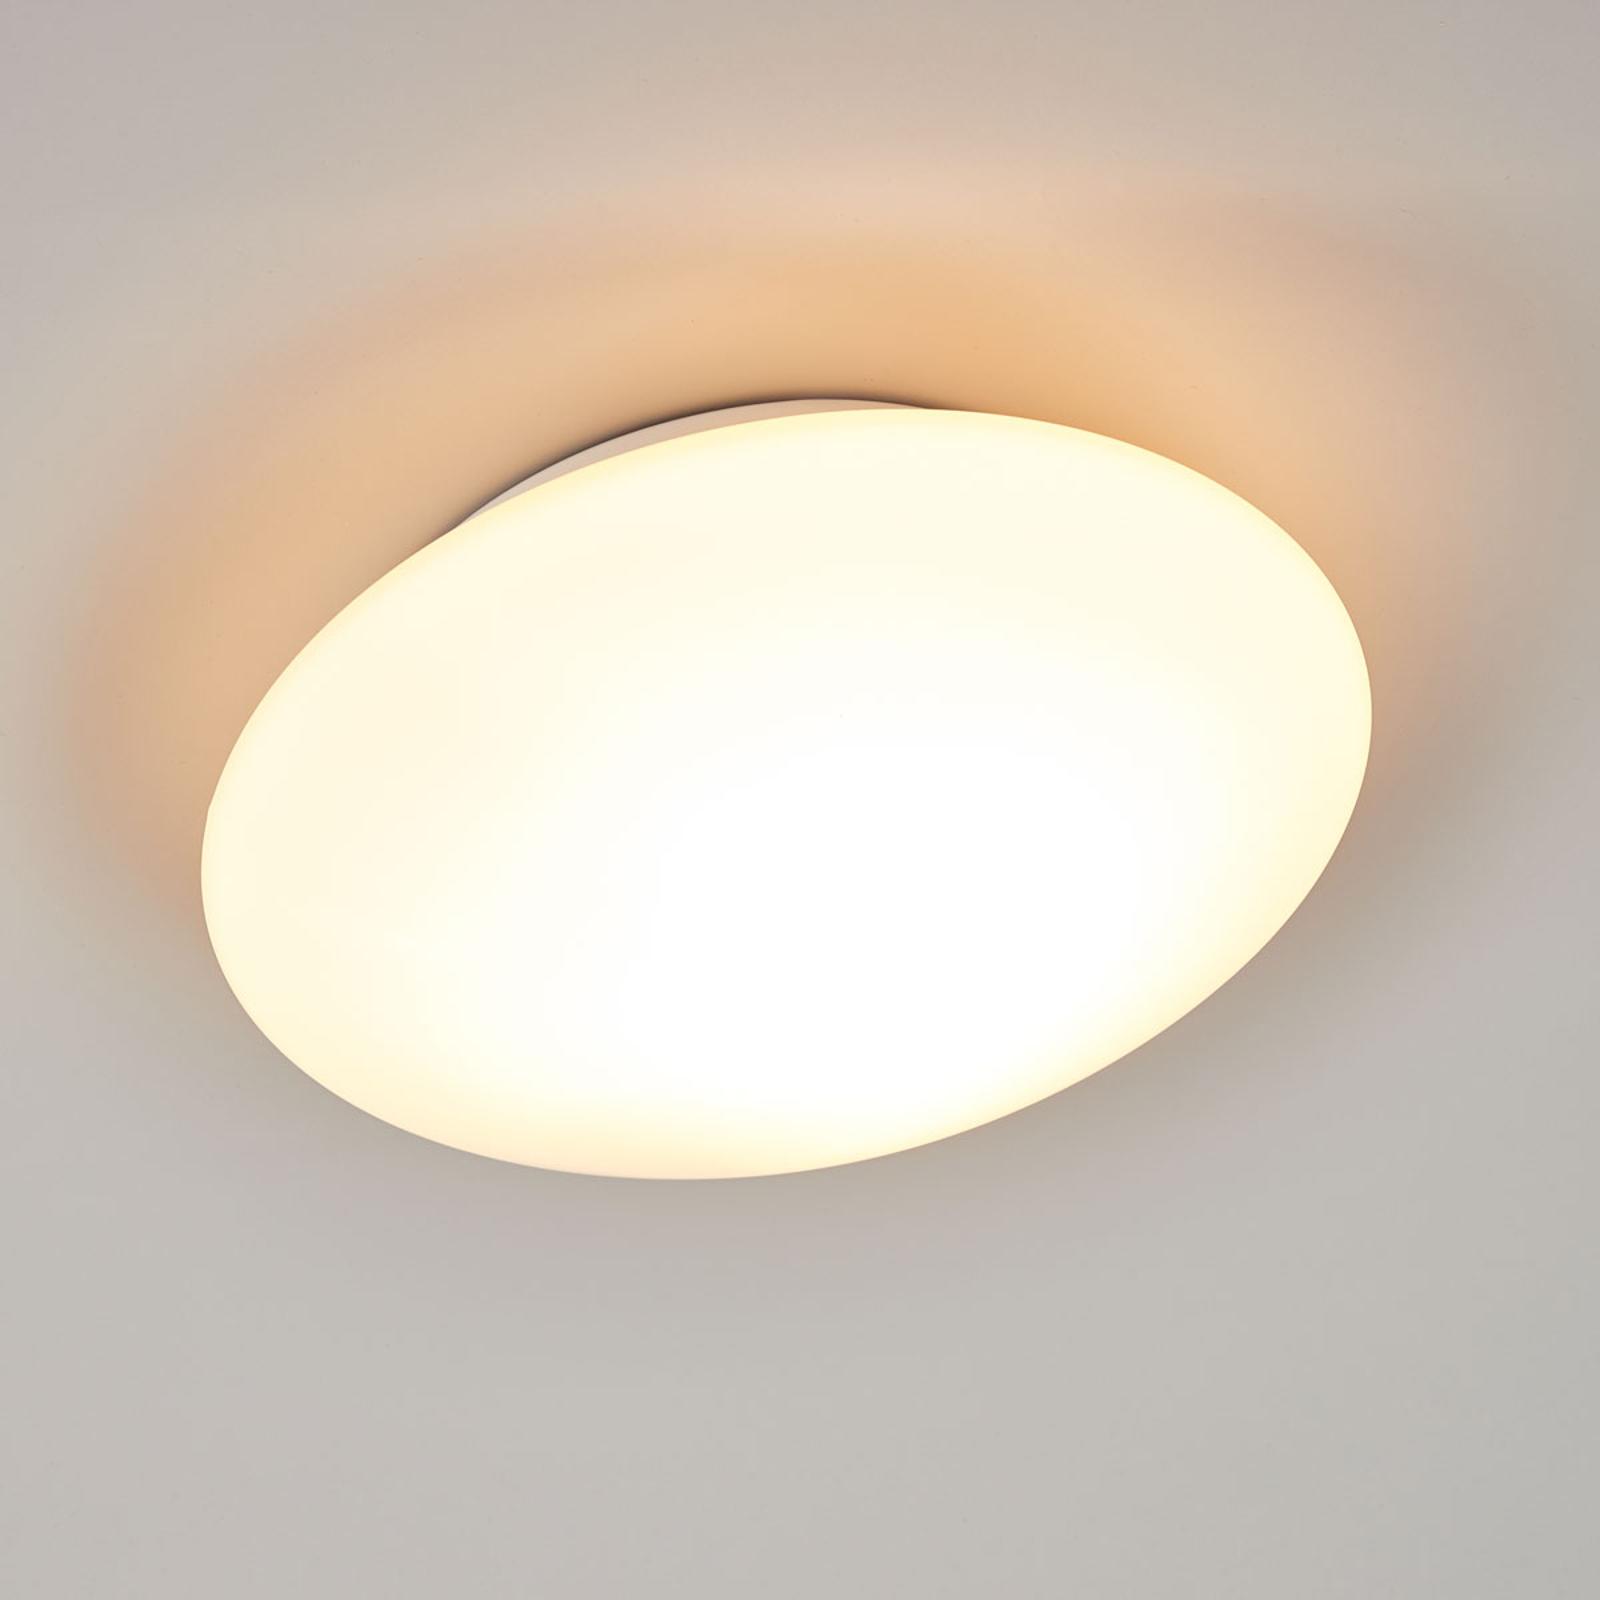 Skleněné stropní světlo OPAL 25 cm